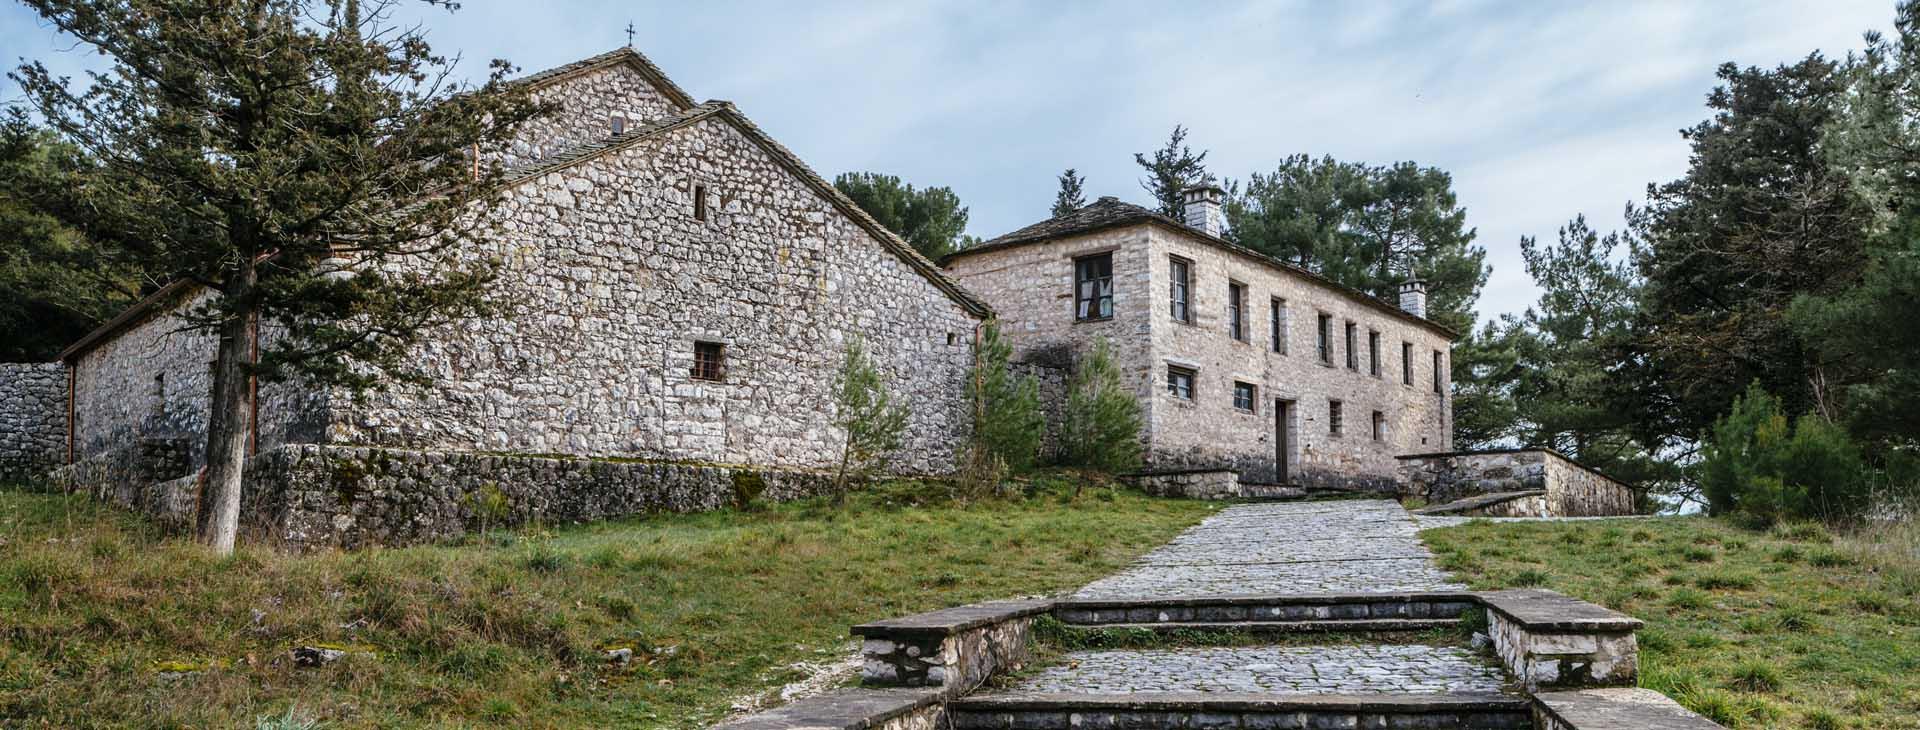 Monastery of Philanthropenoi on the island of Ioannina